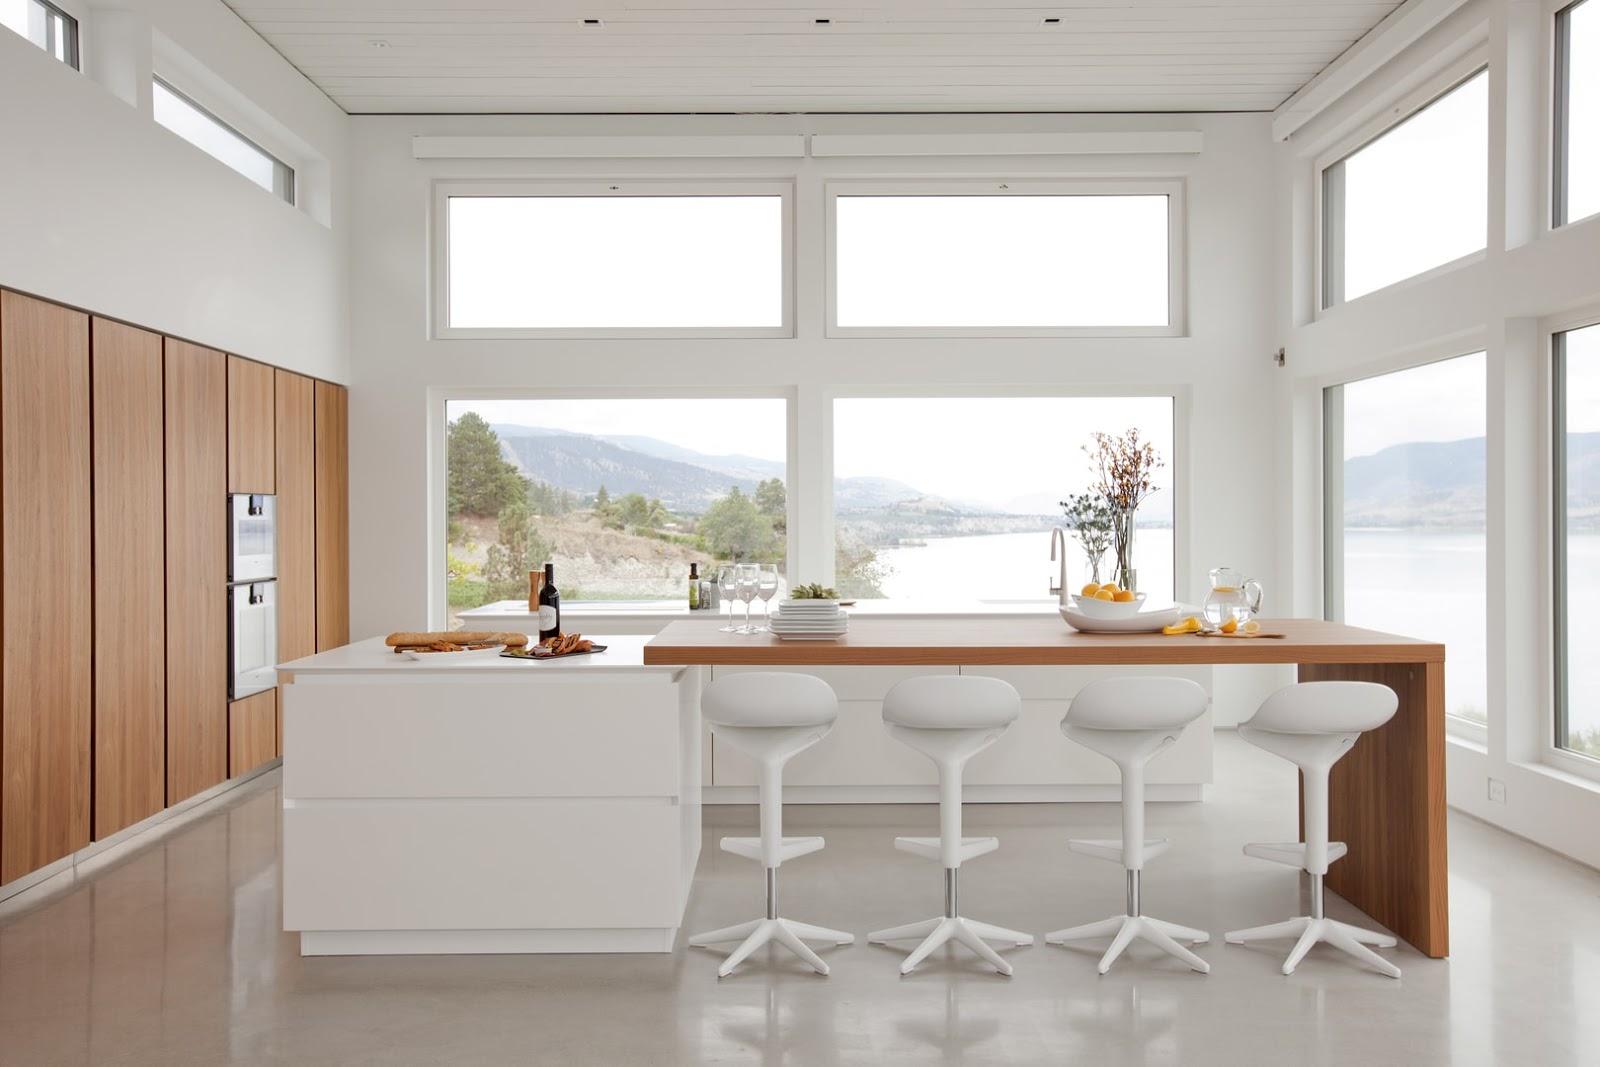 Dise ada tambi n para aprovechar y disfrutar las vistas for Vistas de cocinas